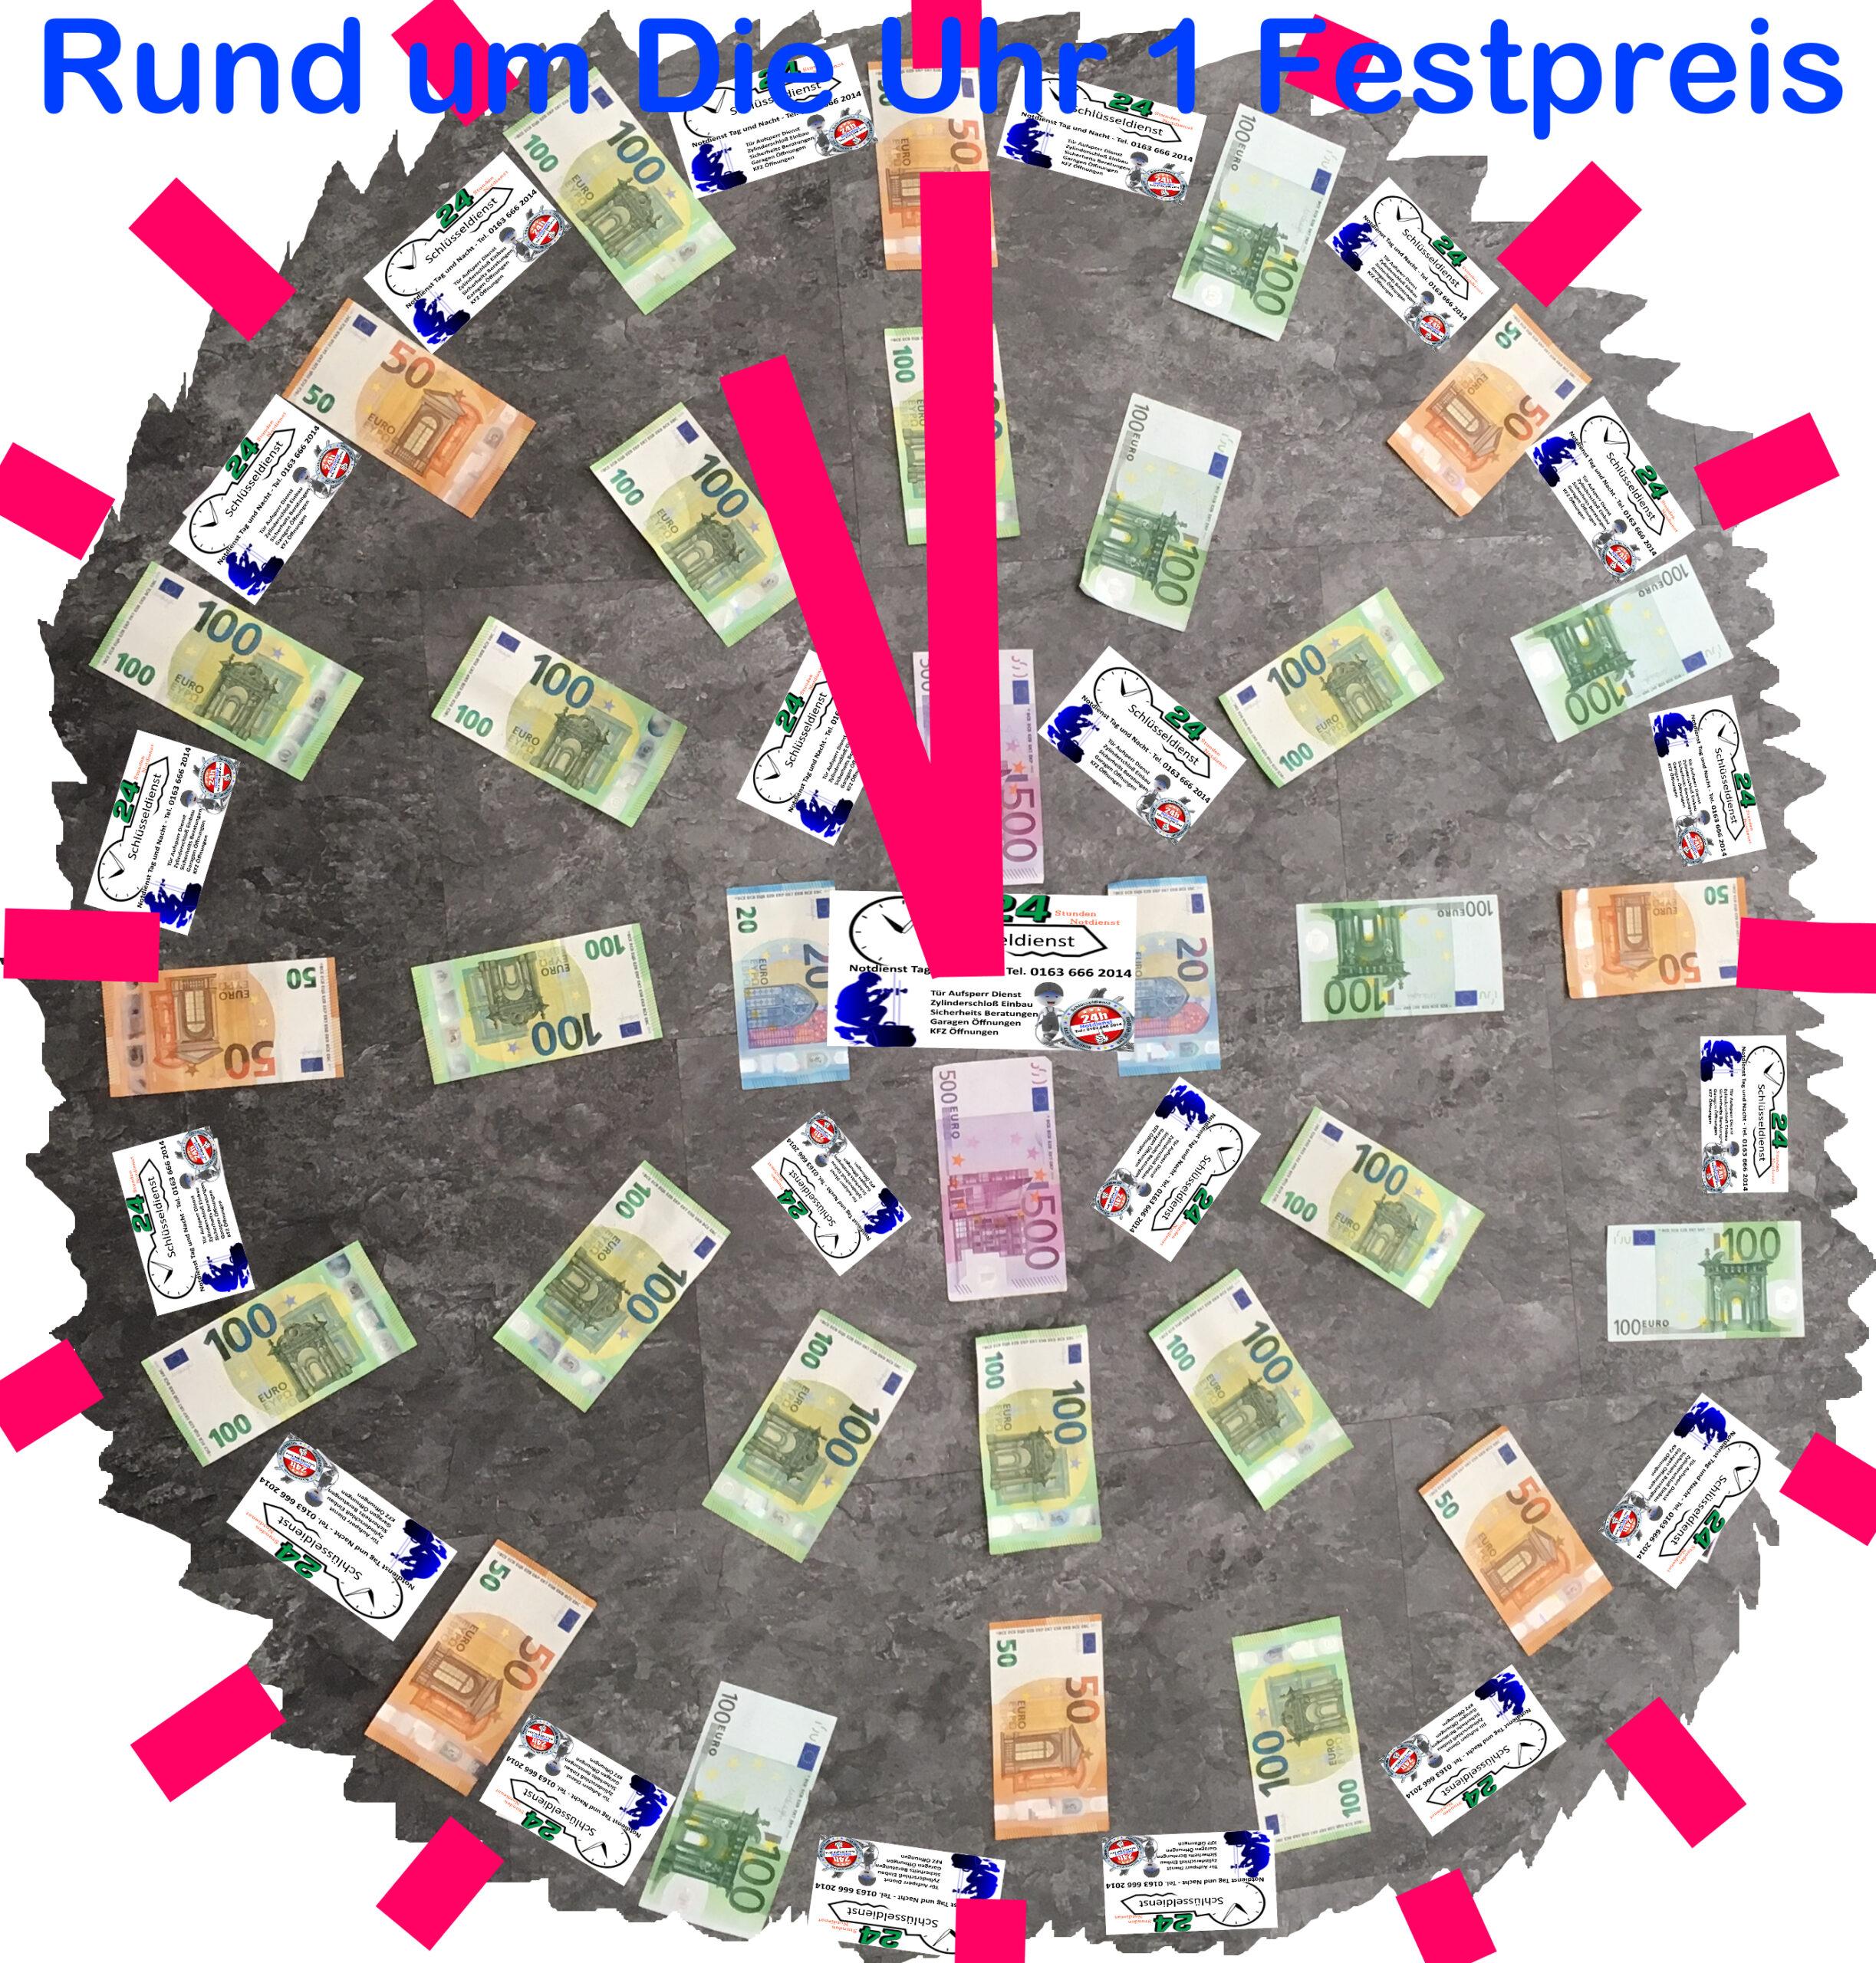 Schlüsseldienst Alsdorf - Tür öffnen 50 Euro - rund um die Uhr 1 Festpreis - Anfahrt Gratis